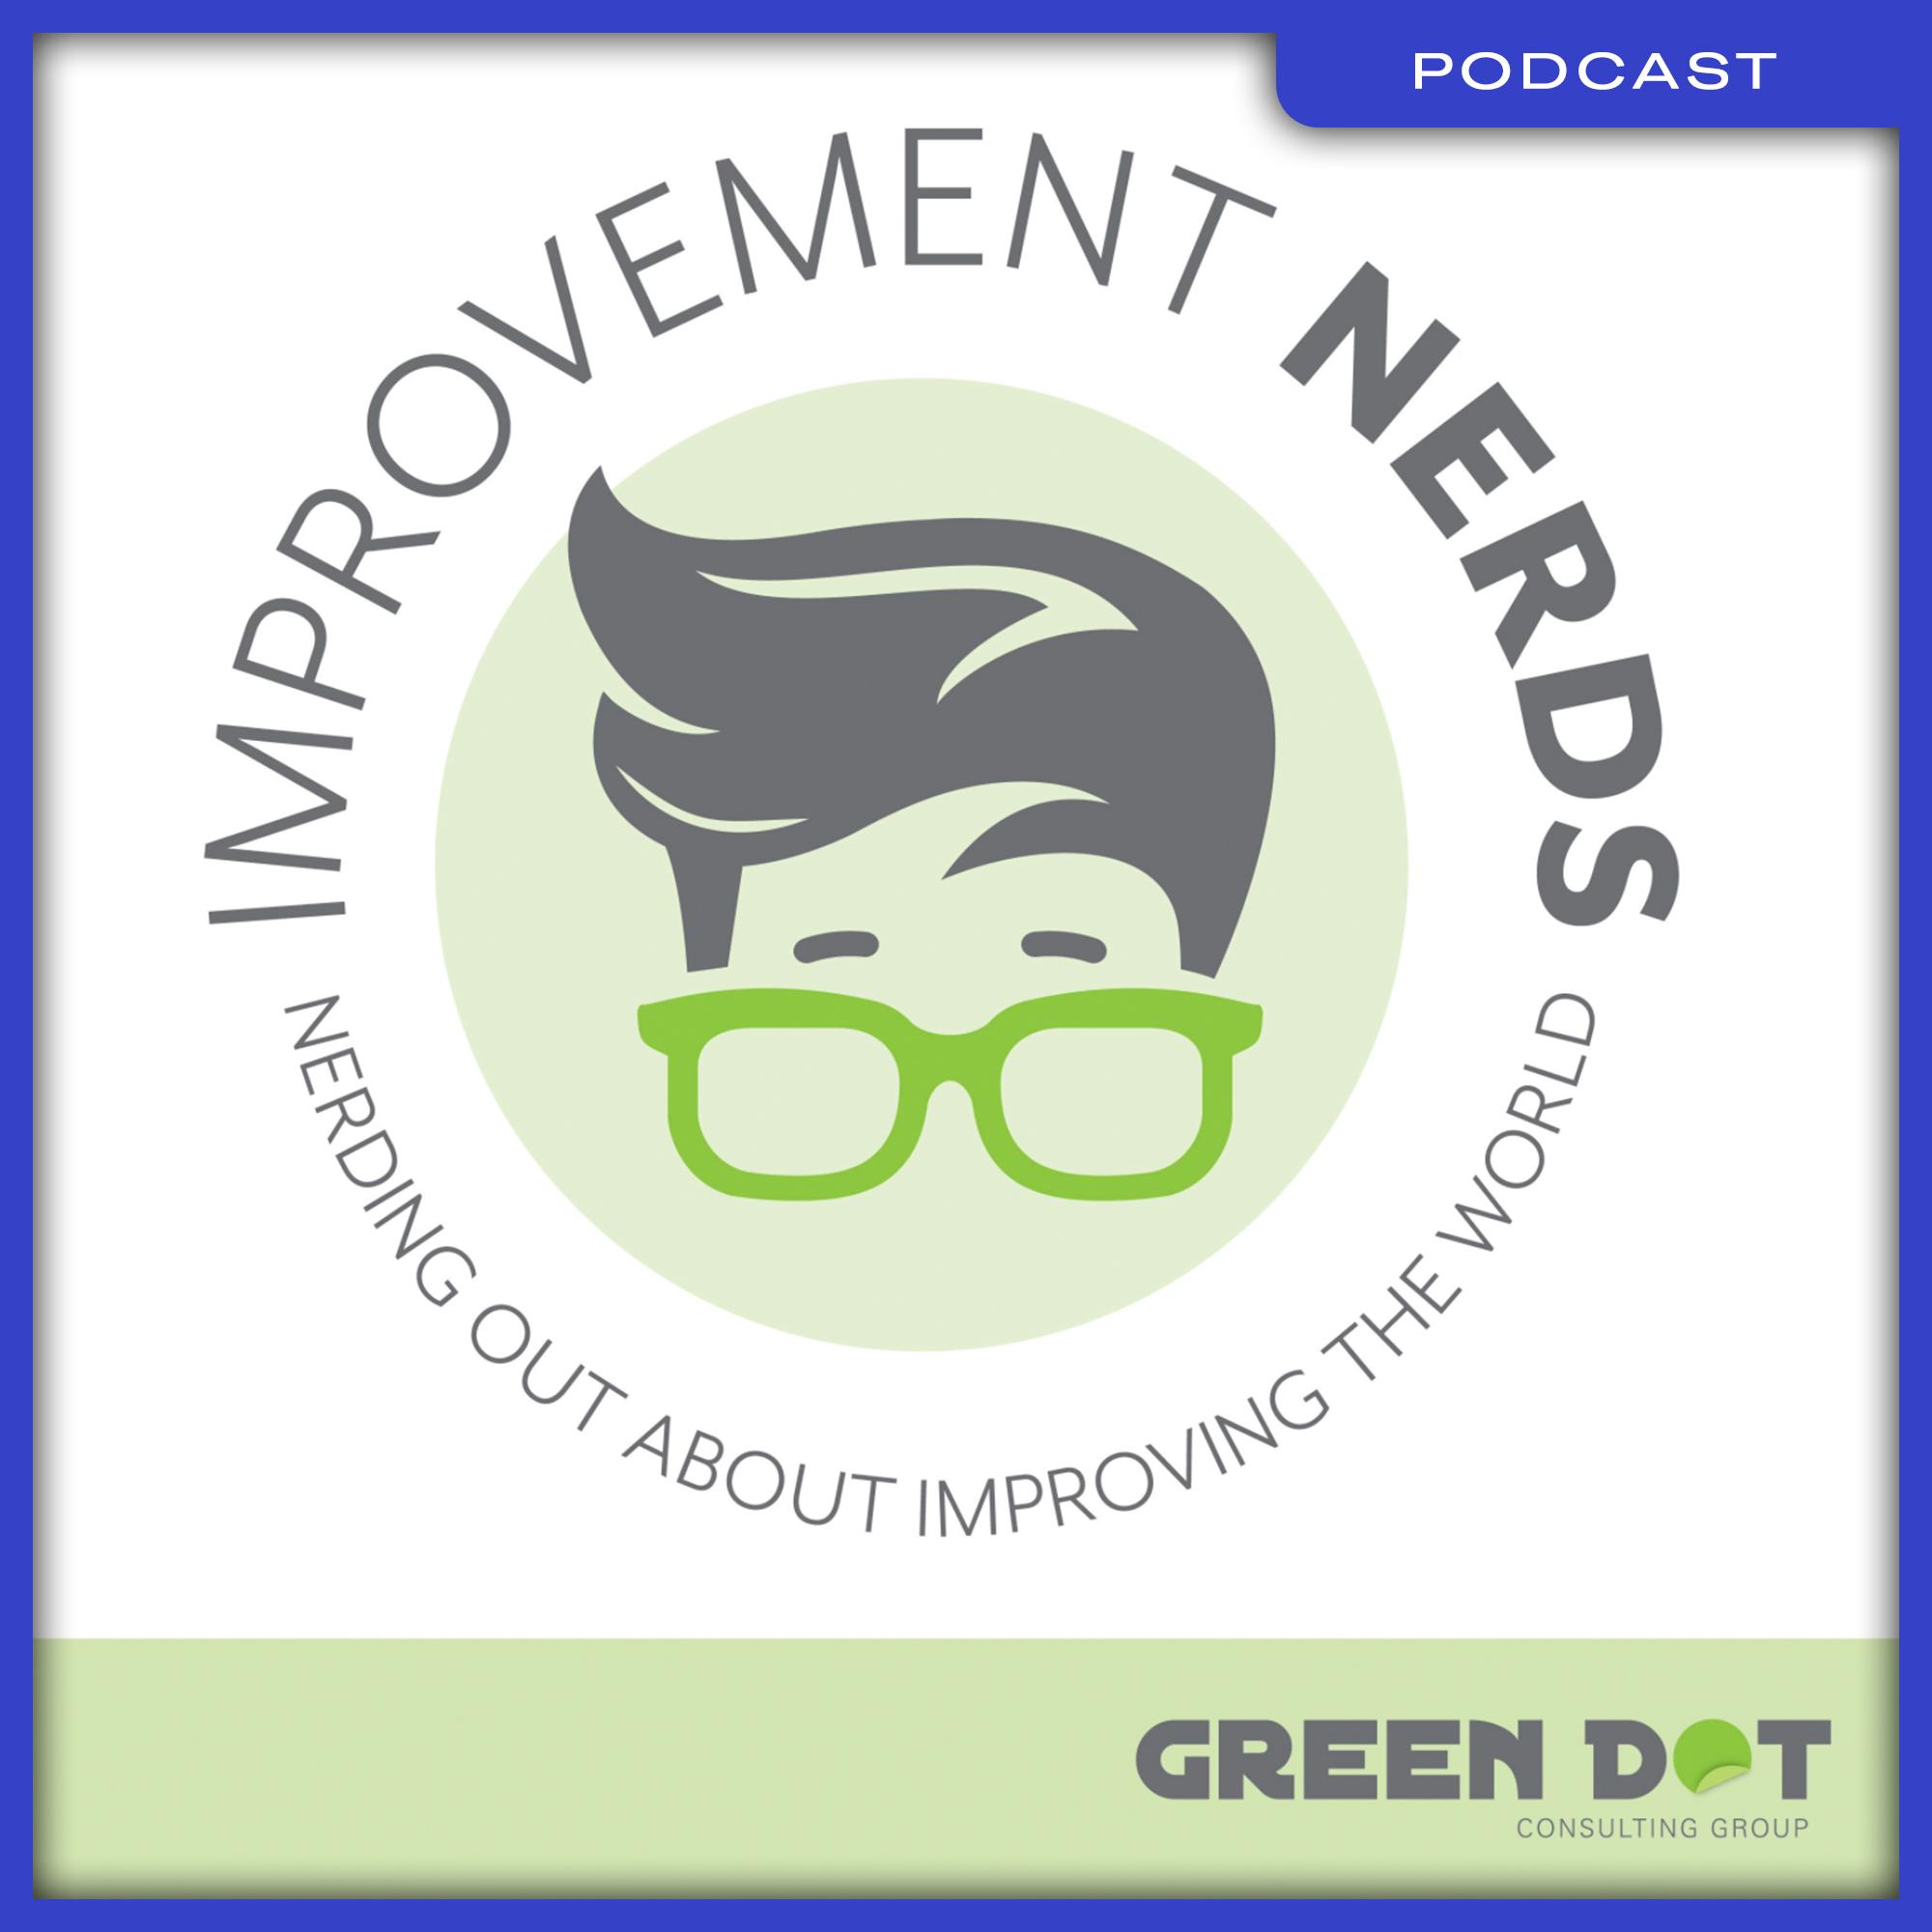 29_Podcast_MPROVEMENT-NERDS